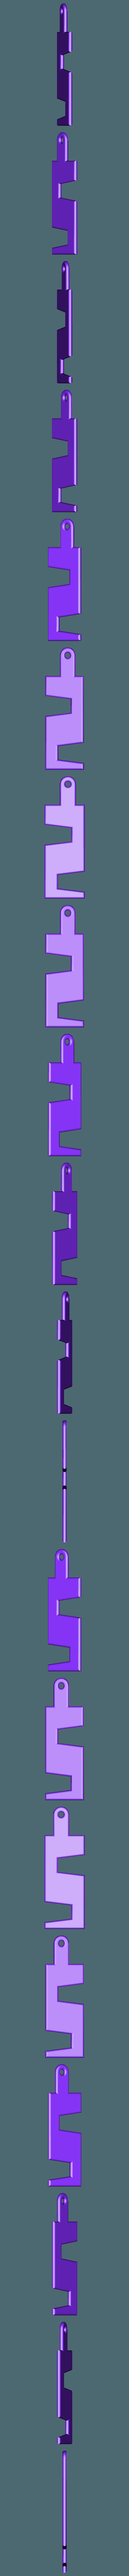 Tuteur porte_cle 2.stl Télécharger fichier STL gratuit Tuteur portable • Modèle imprimable en 3D, leodomi